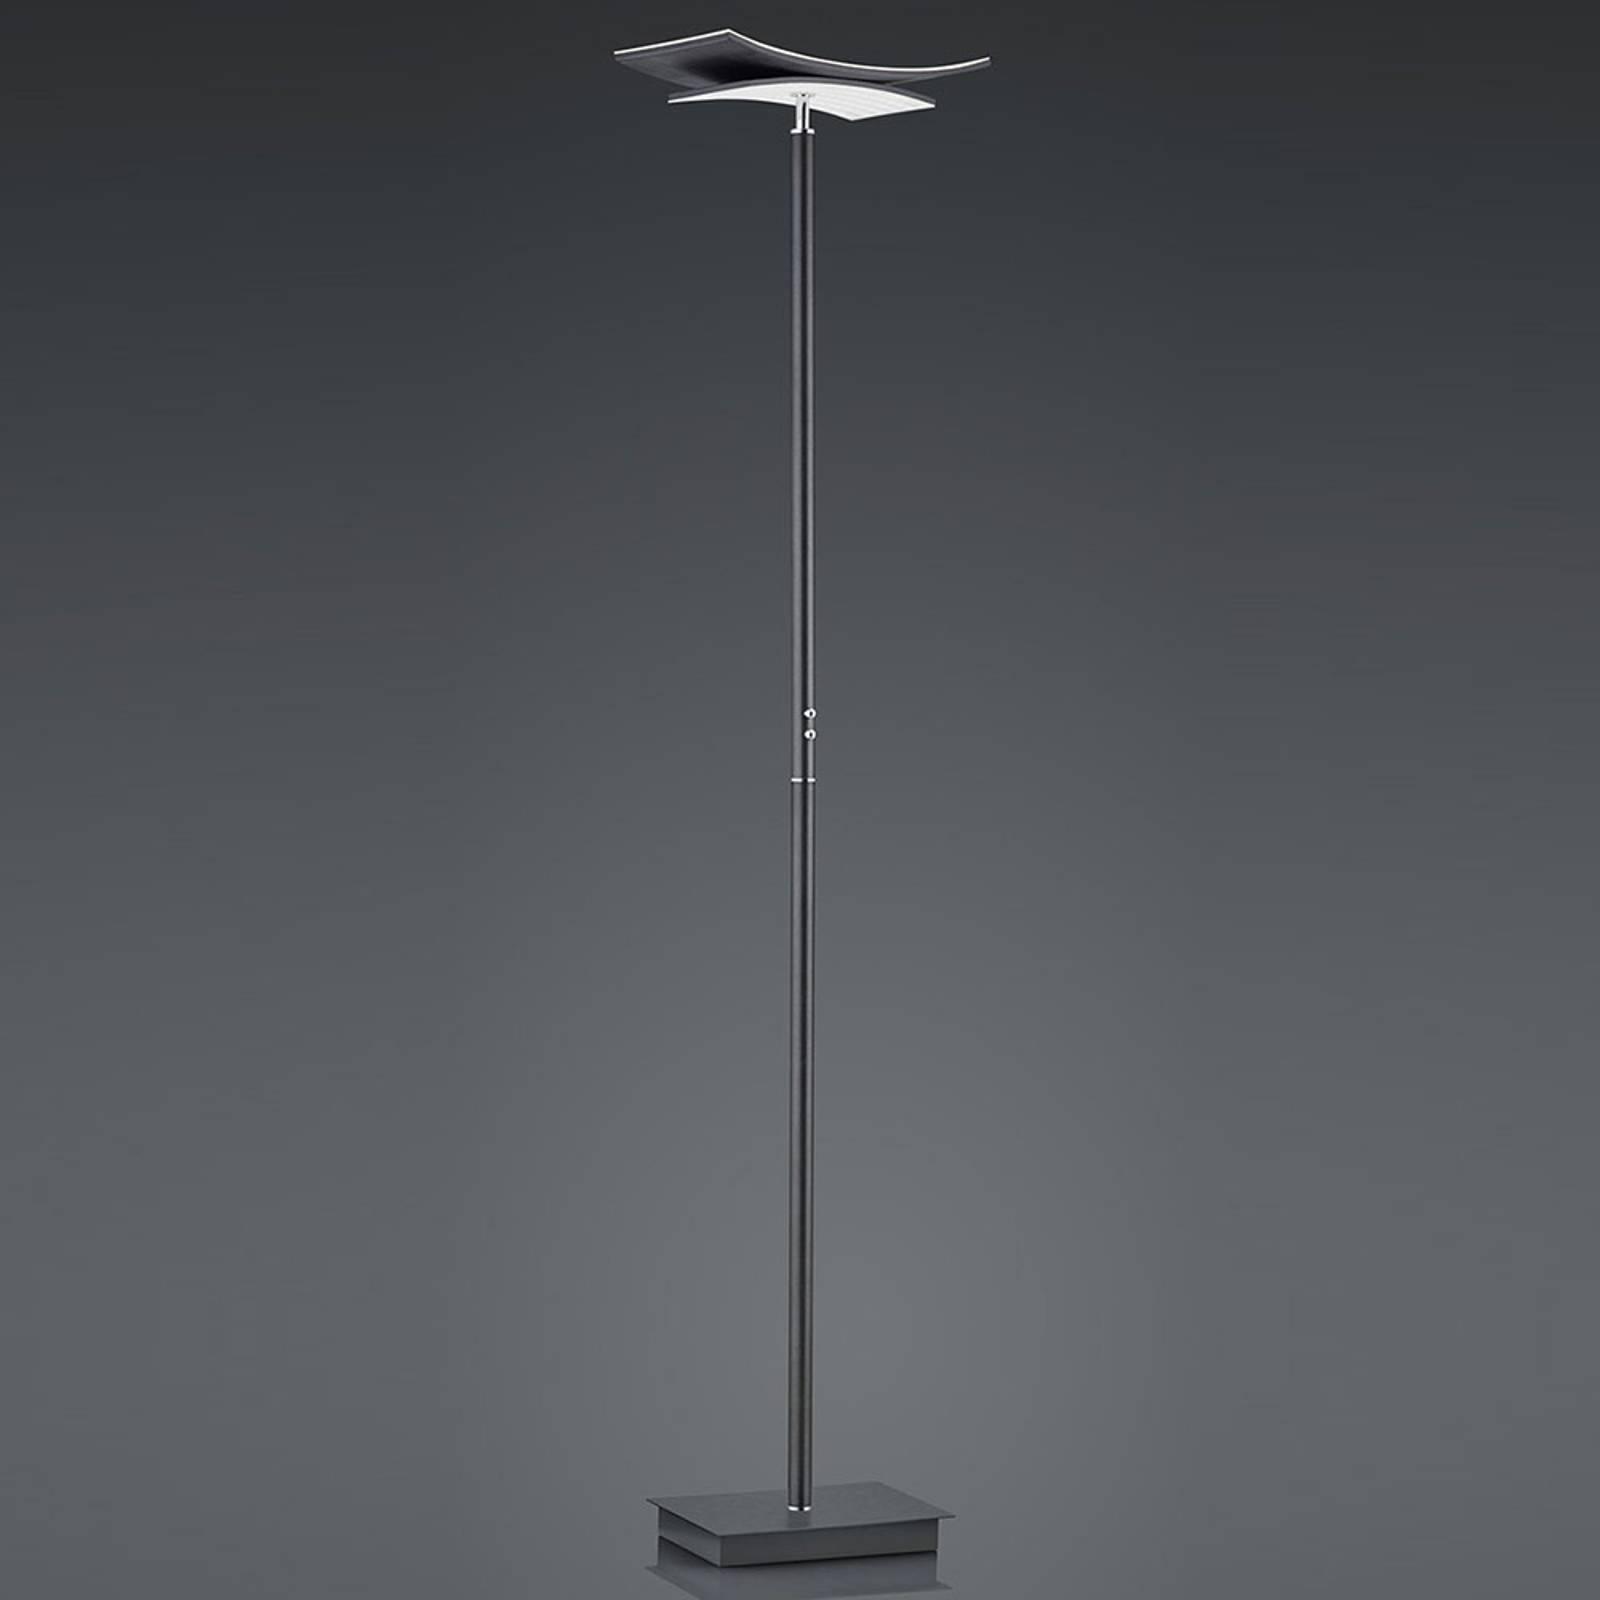 B-Leuchten Liberty lampa stojąca LED, antracyt